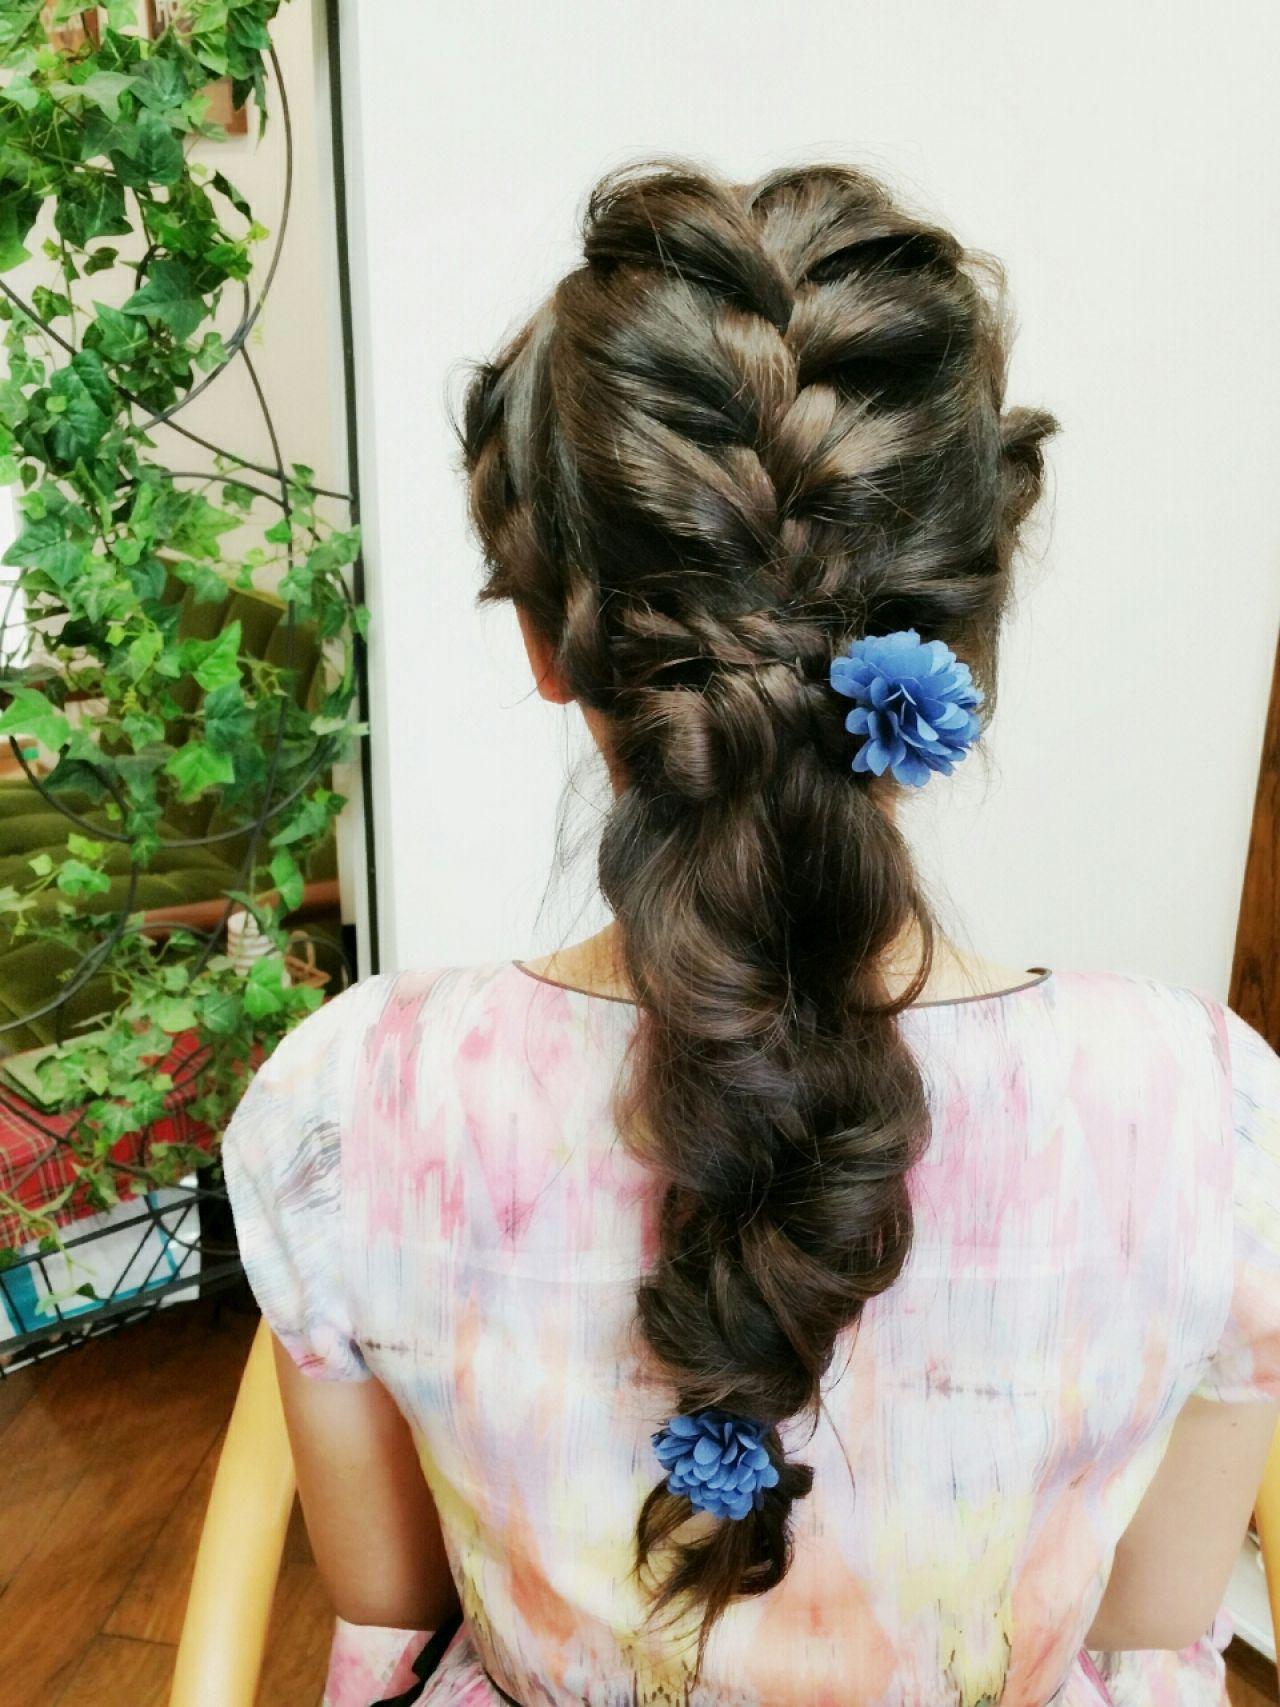 ヘアアレンジ ヘアゴム ロング 花 ヘアスタイルや髪型の写真・画像